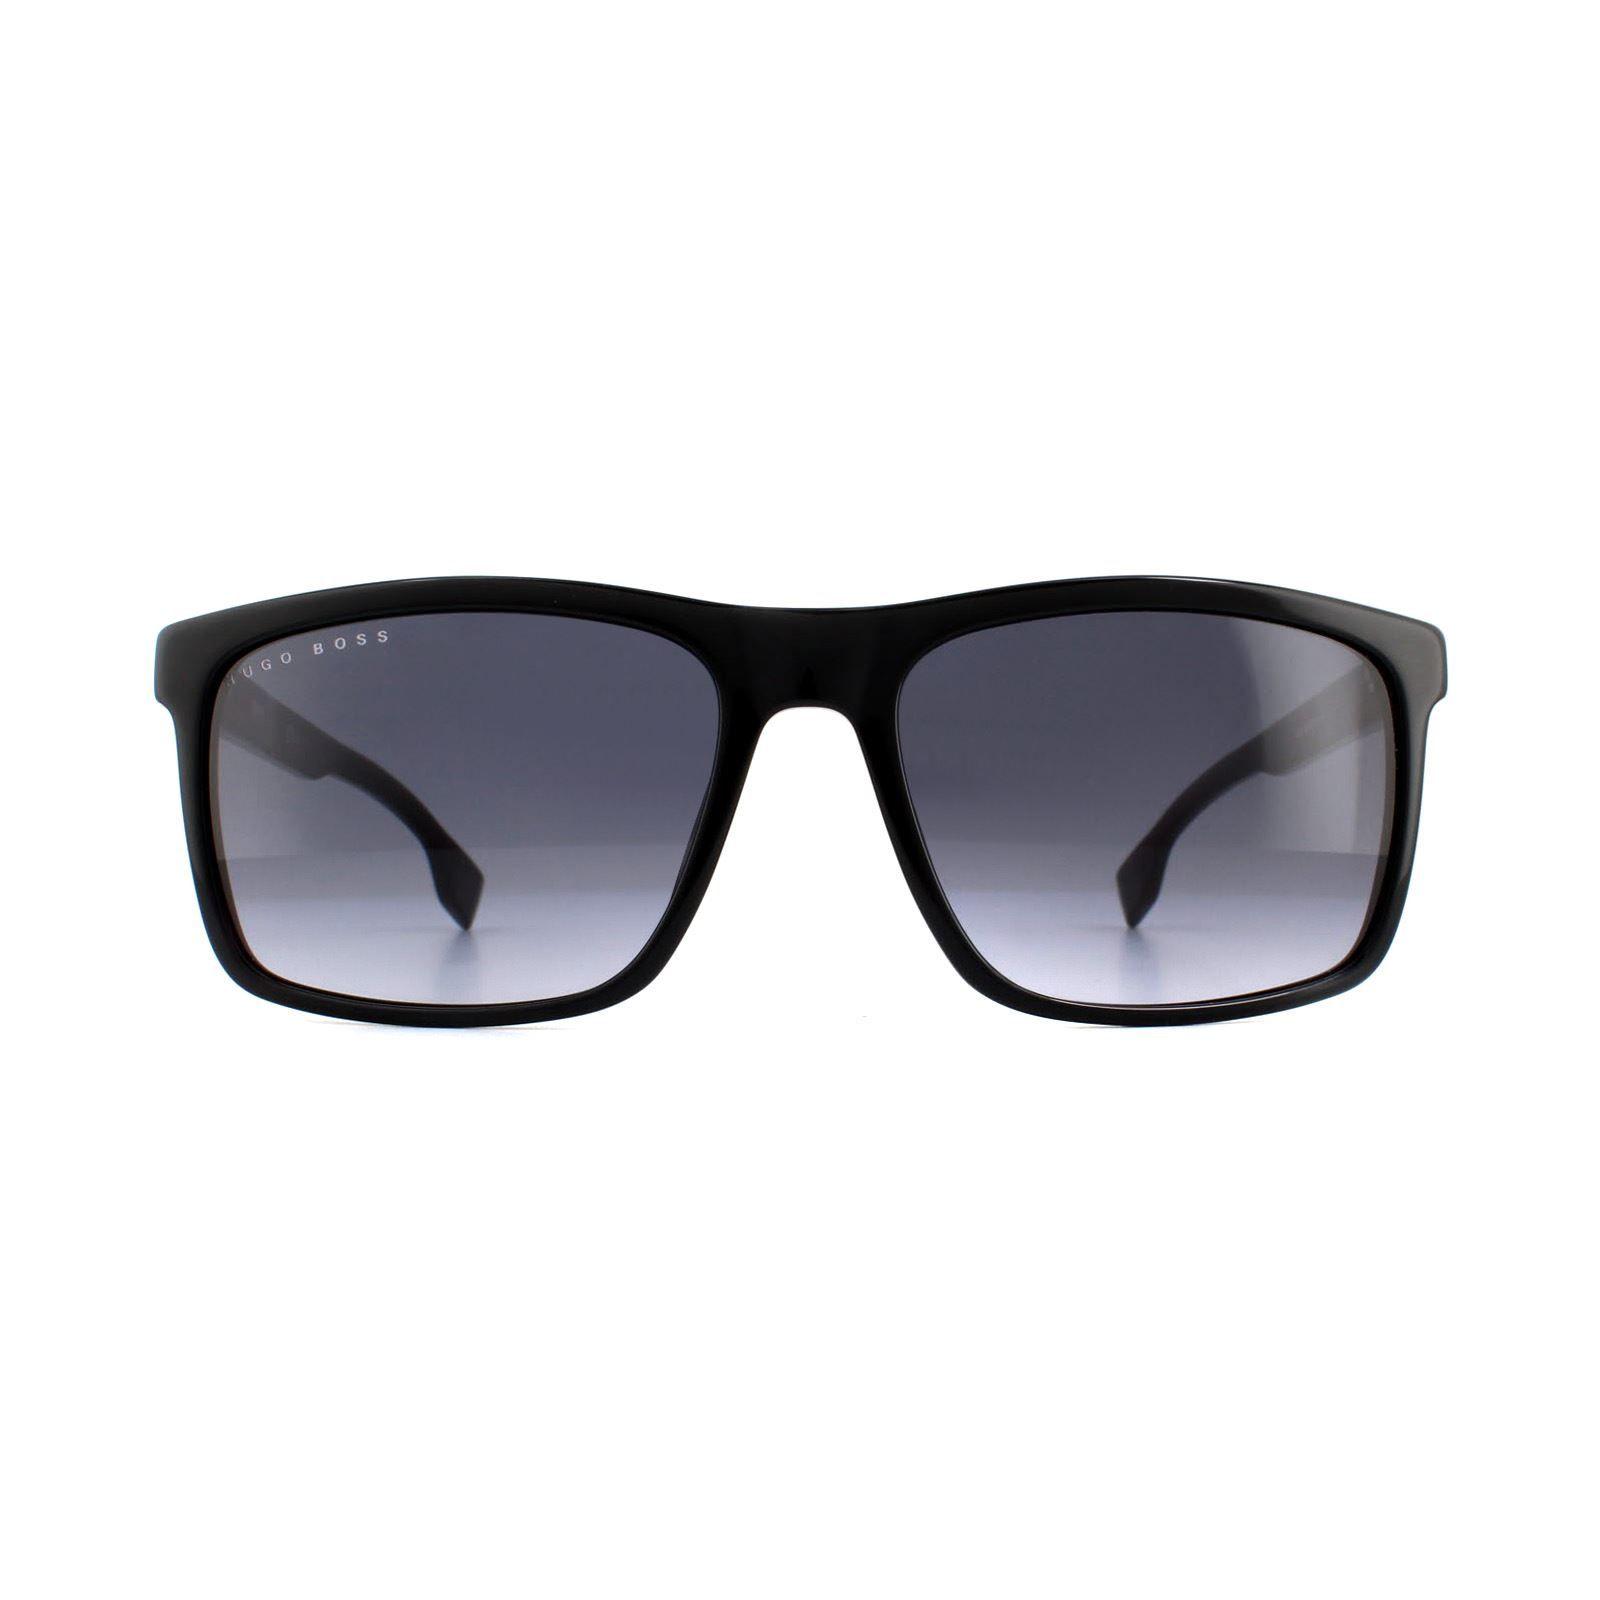 Hugo Boss Sunglasses 1036/S 807 9O Black Grey